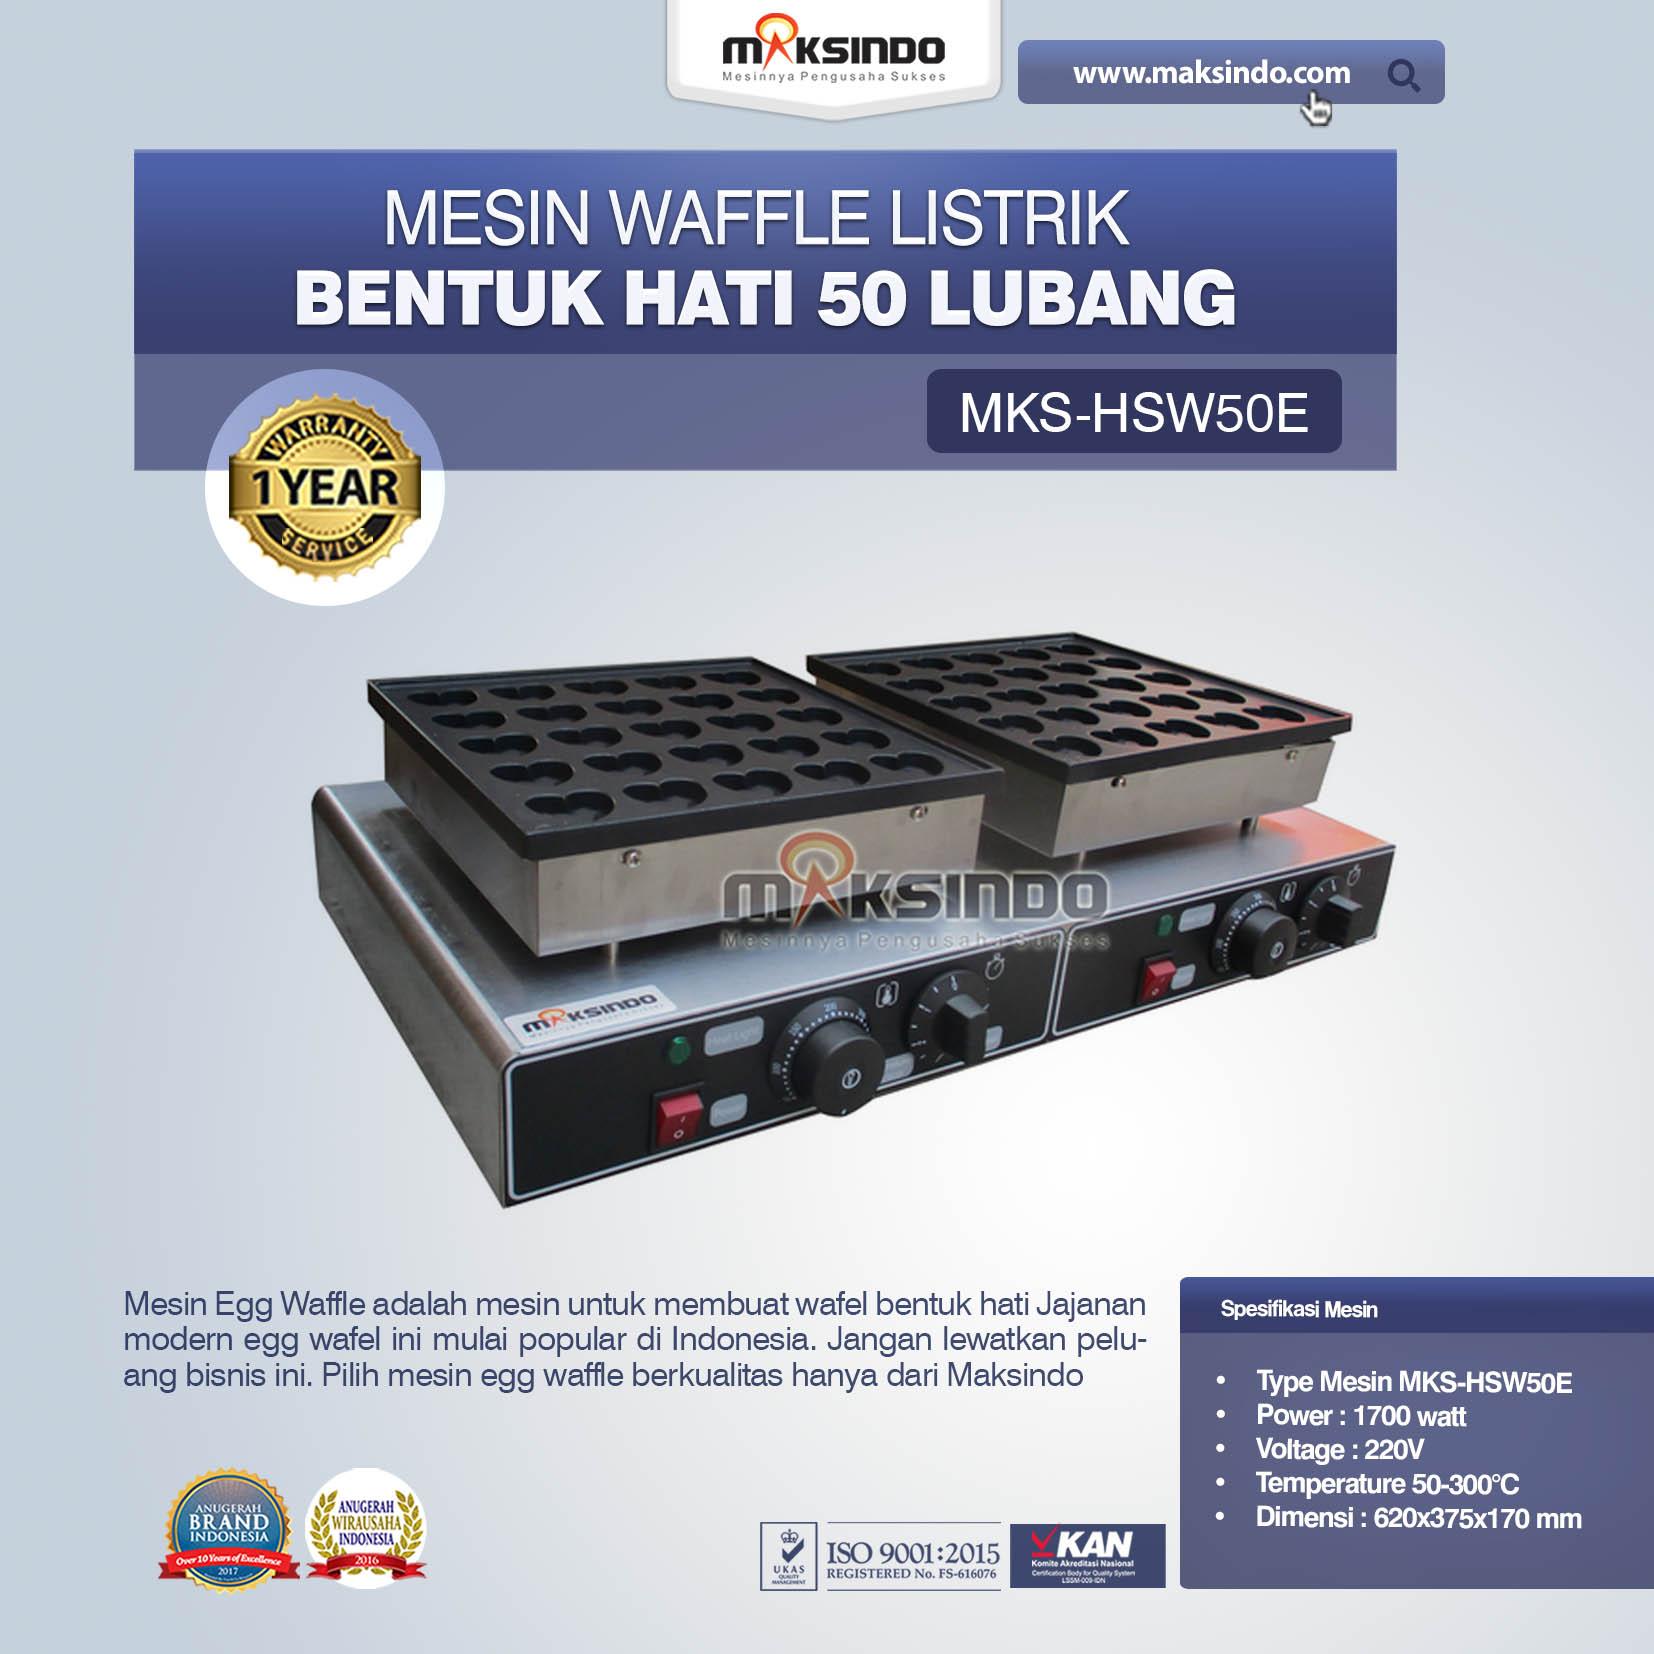 Jual Listrik Waffle Bentuk Hati 50 Lubang MKS-HSW50E di Tangerang